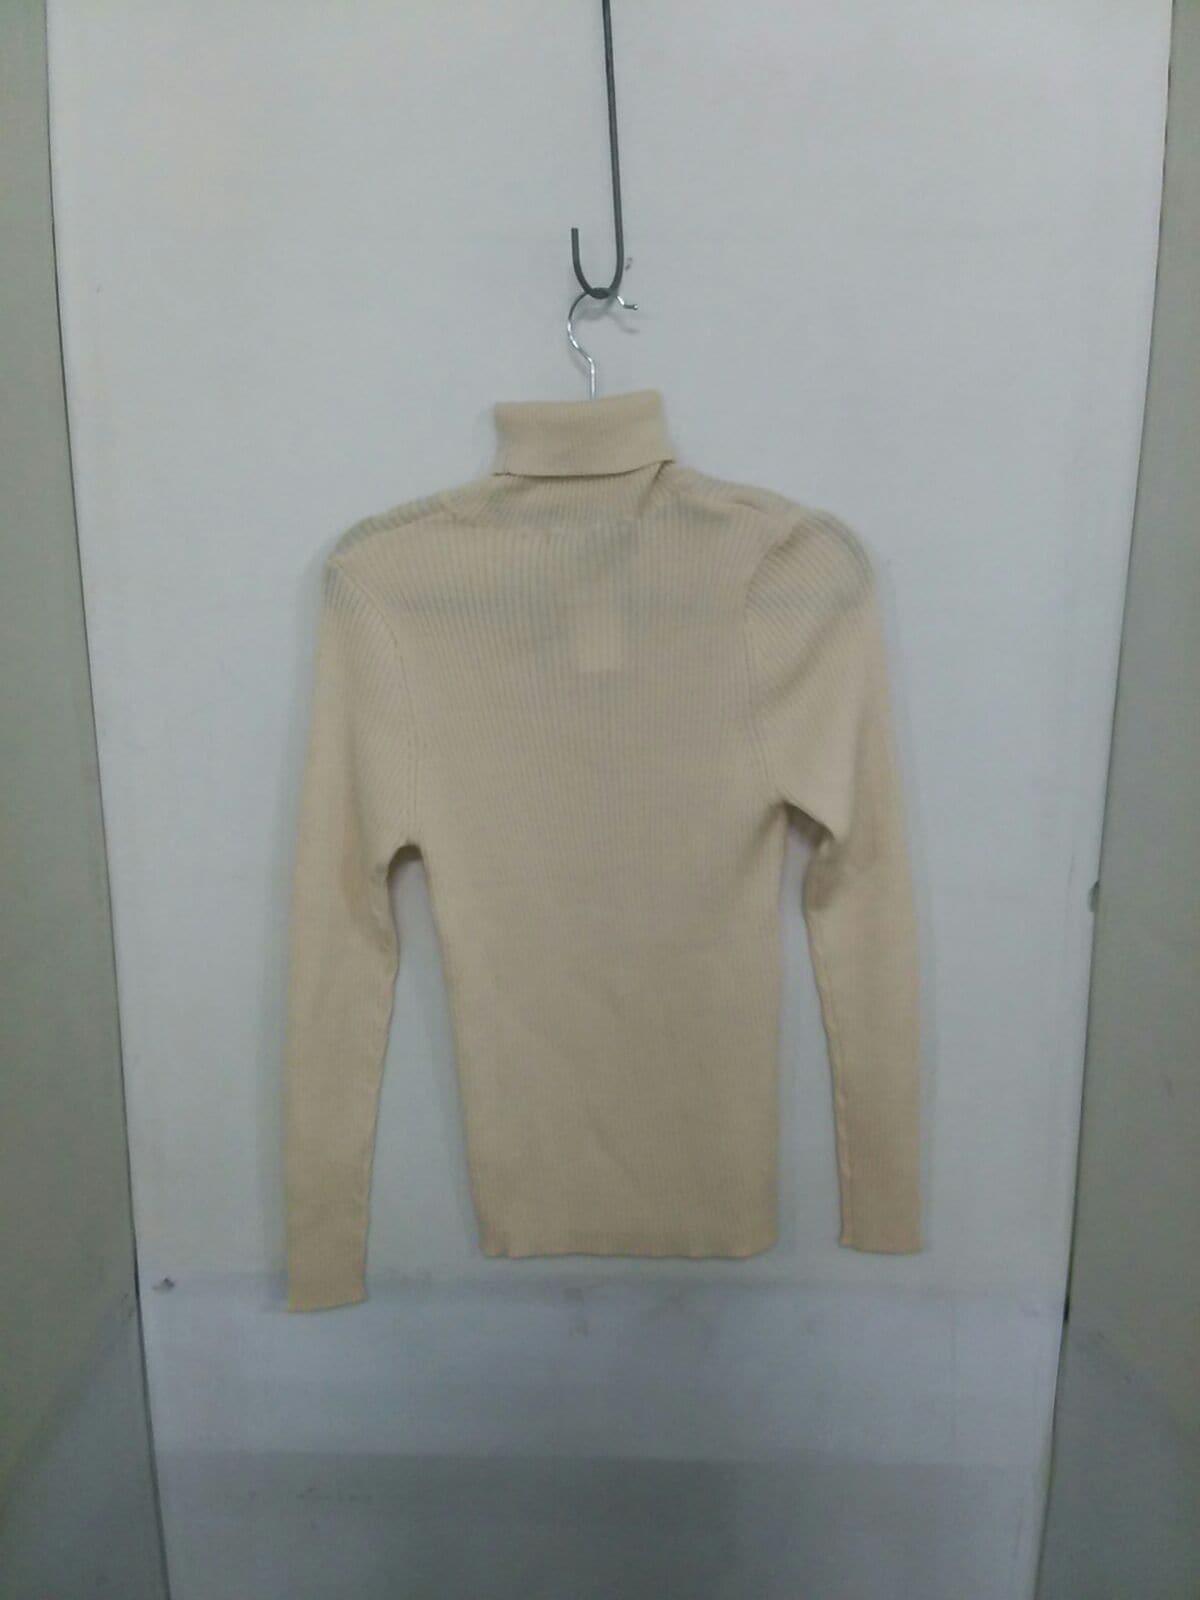 DANIELE FIESOLI(ダニエレフィエゾーリ)のセーター